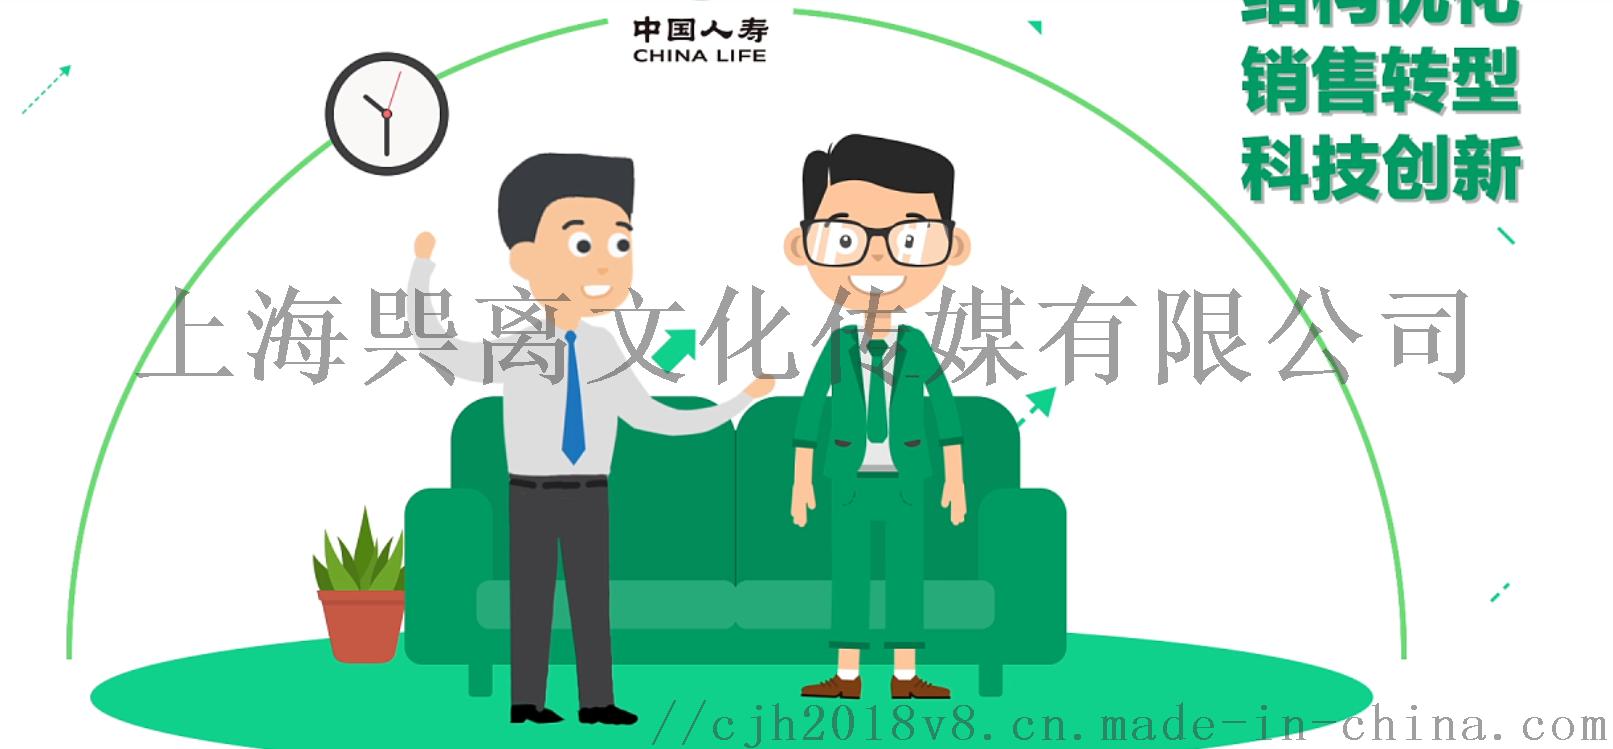 金华二维动画制作公司MG广告动画制作飞碟说动画制作872932722